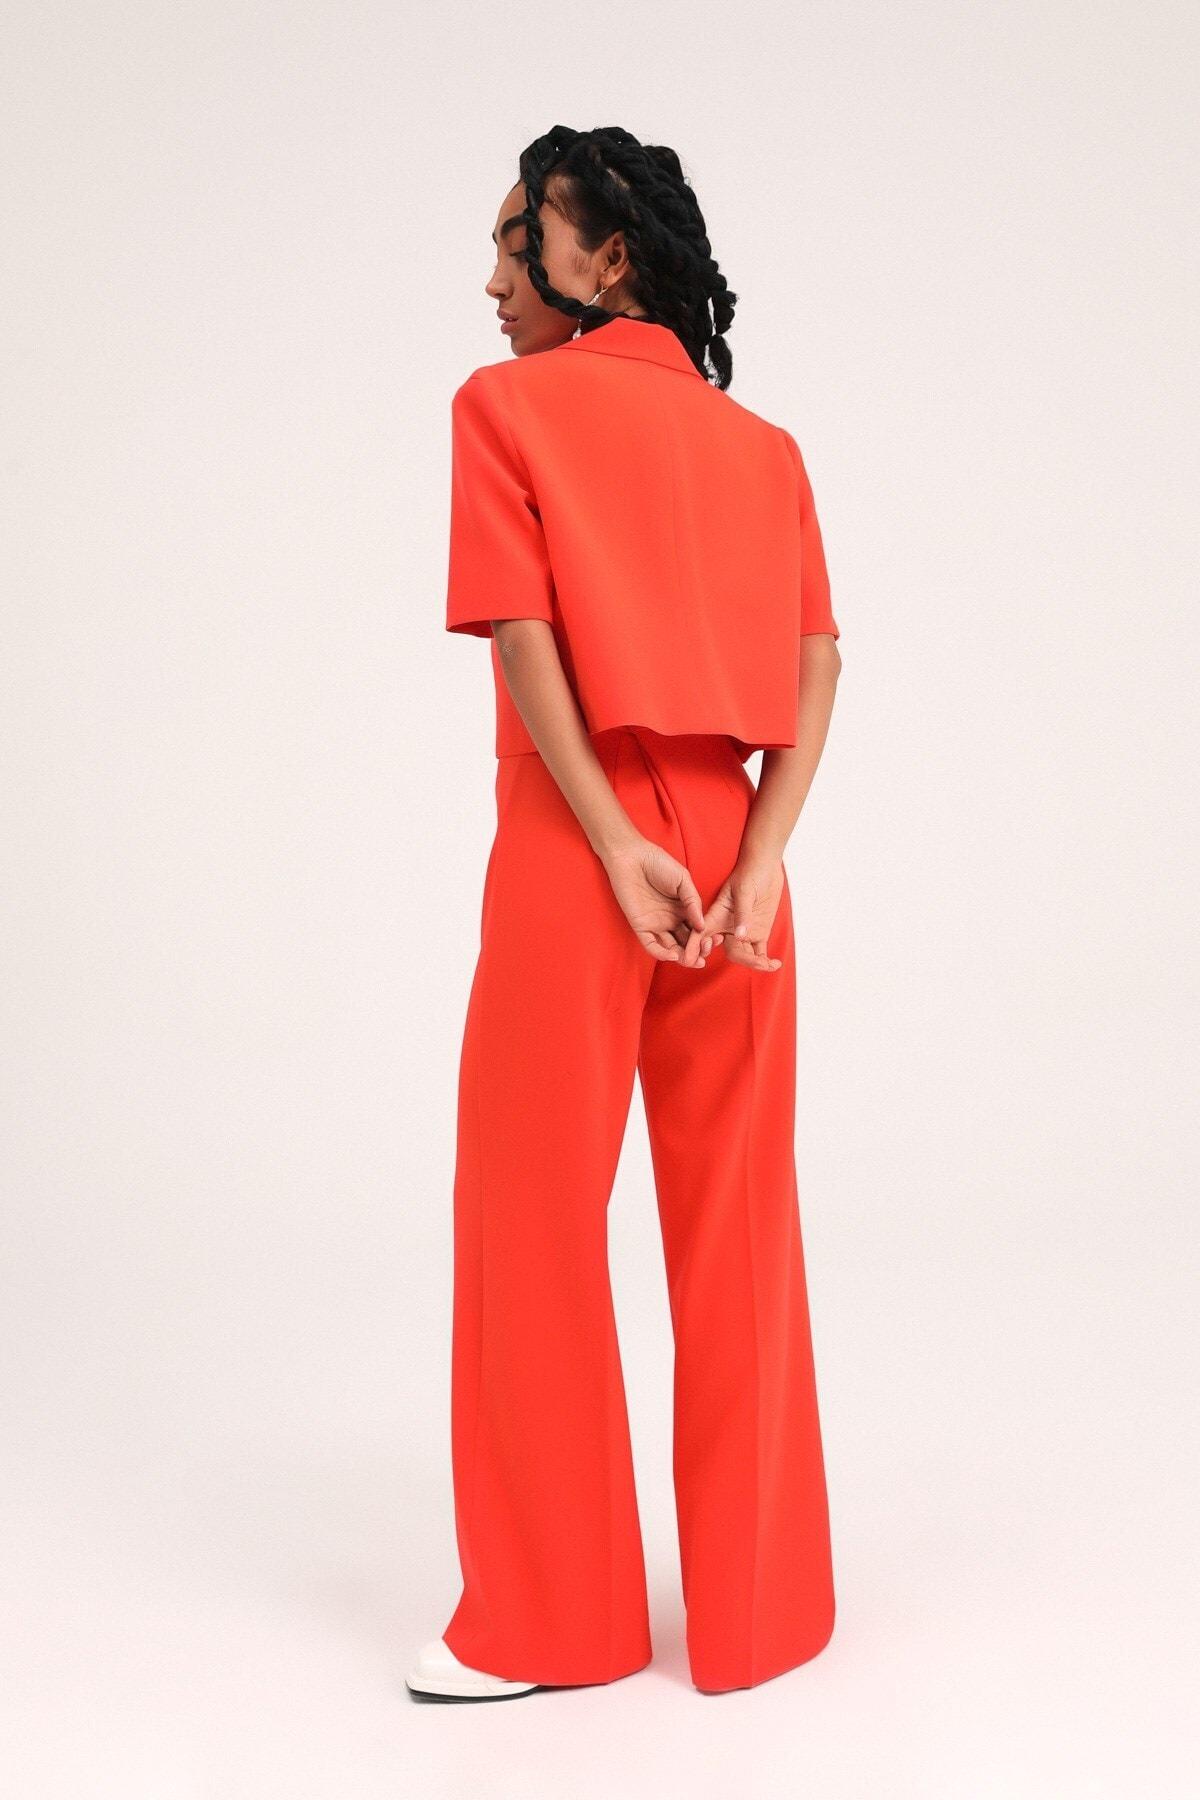 فروش اینترنتی ژاکت زنانه با قیمت برند Quzu رنگ نارنجی کد ty96845120